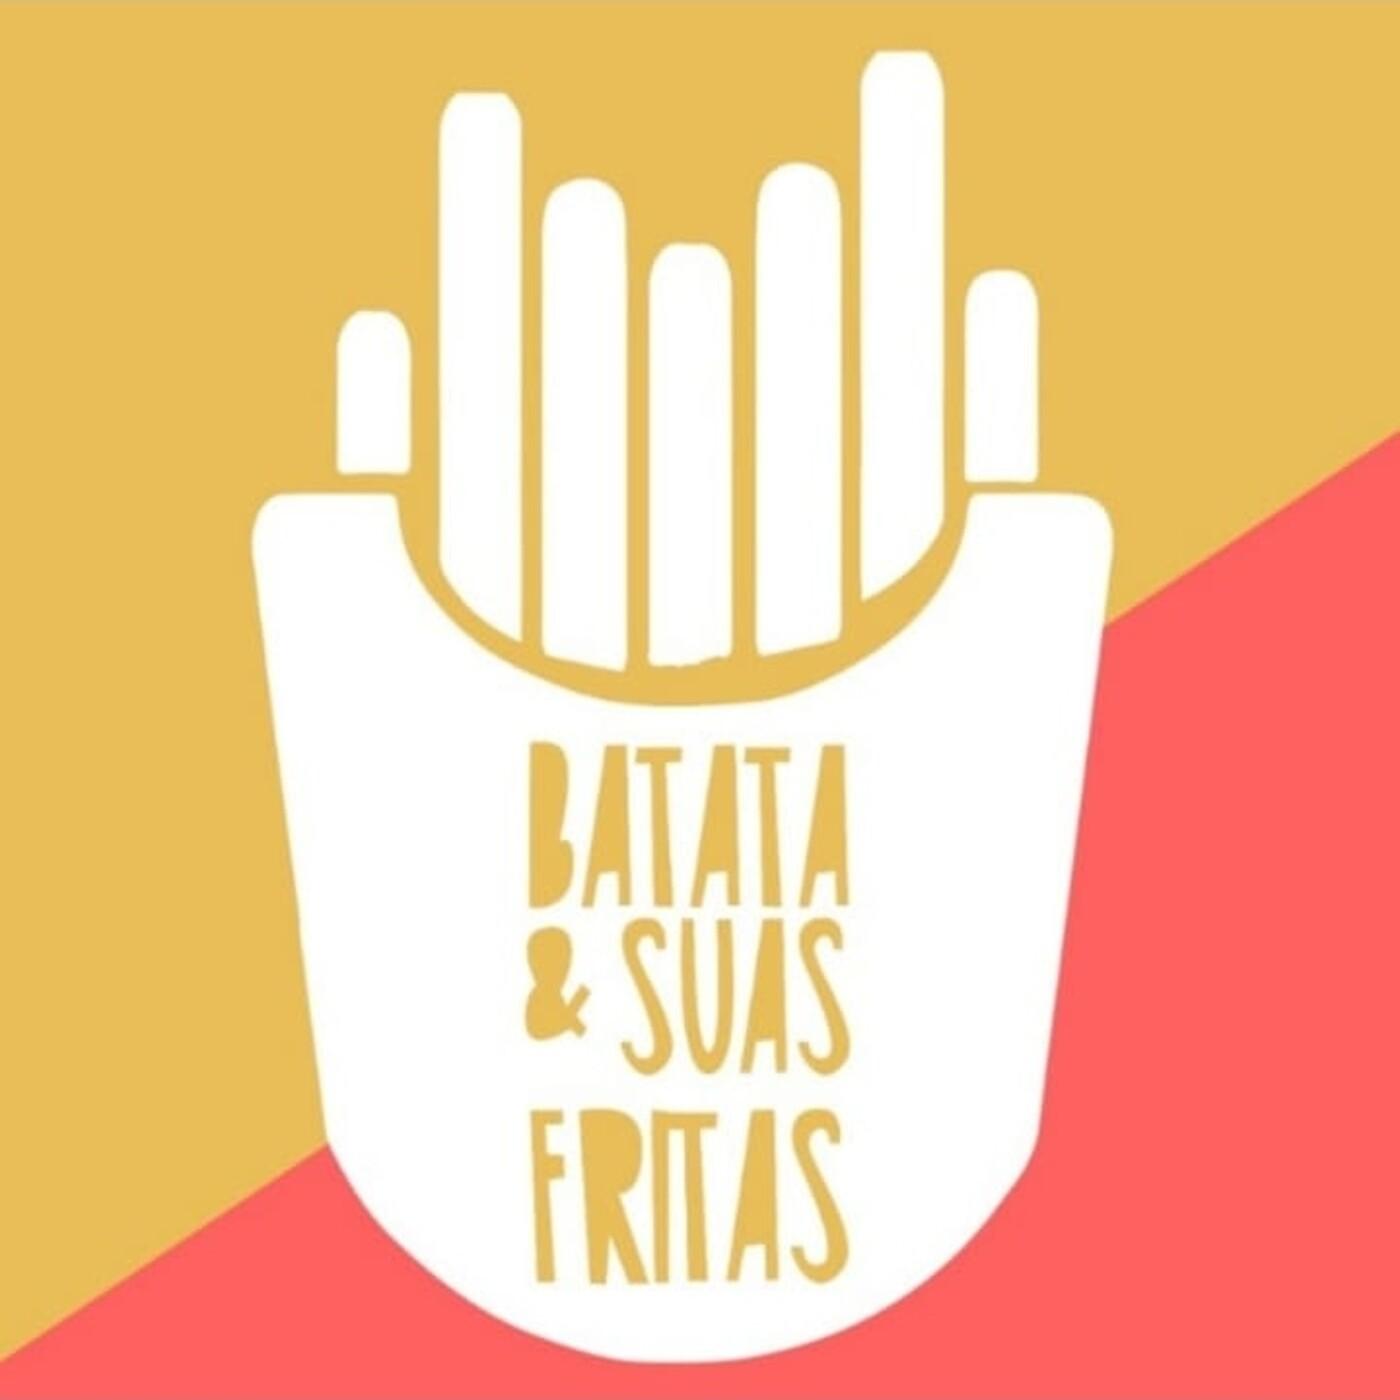 CarÁter: filosofias de boteco - batata e suas fritas 125